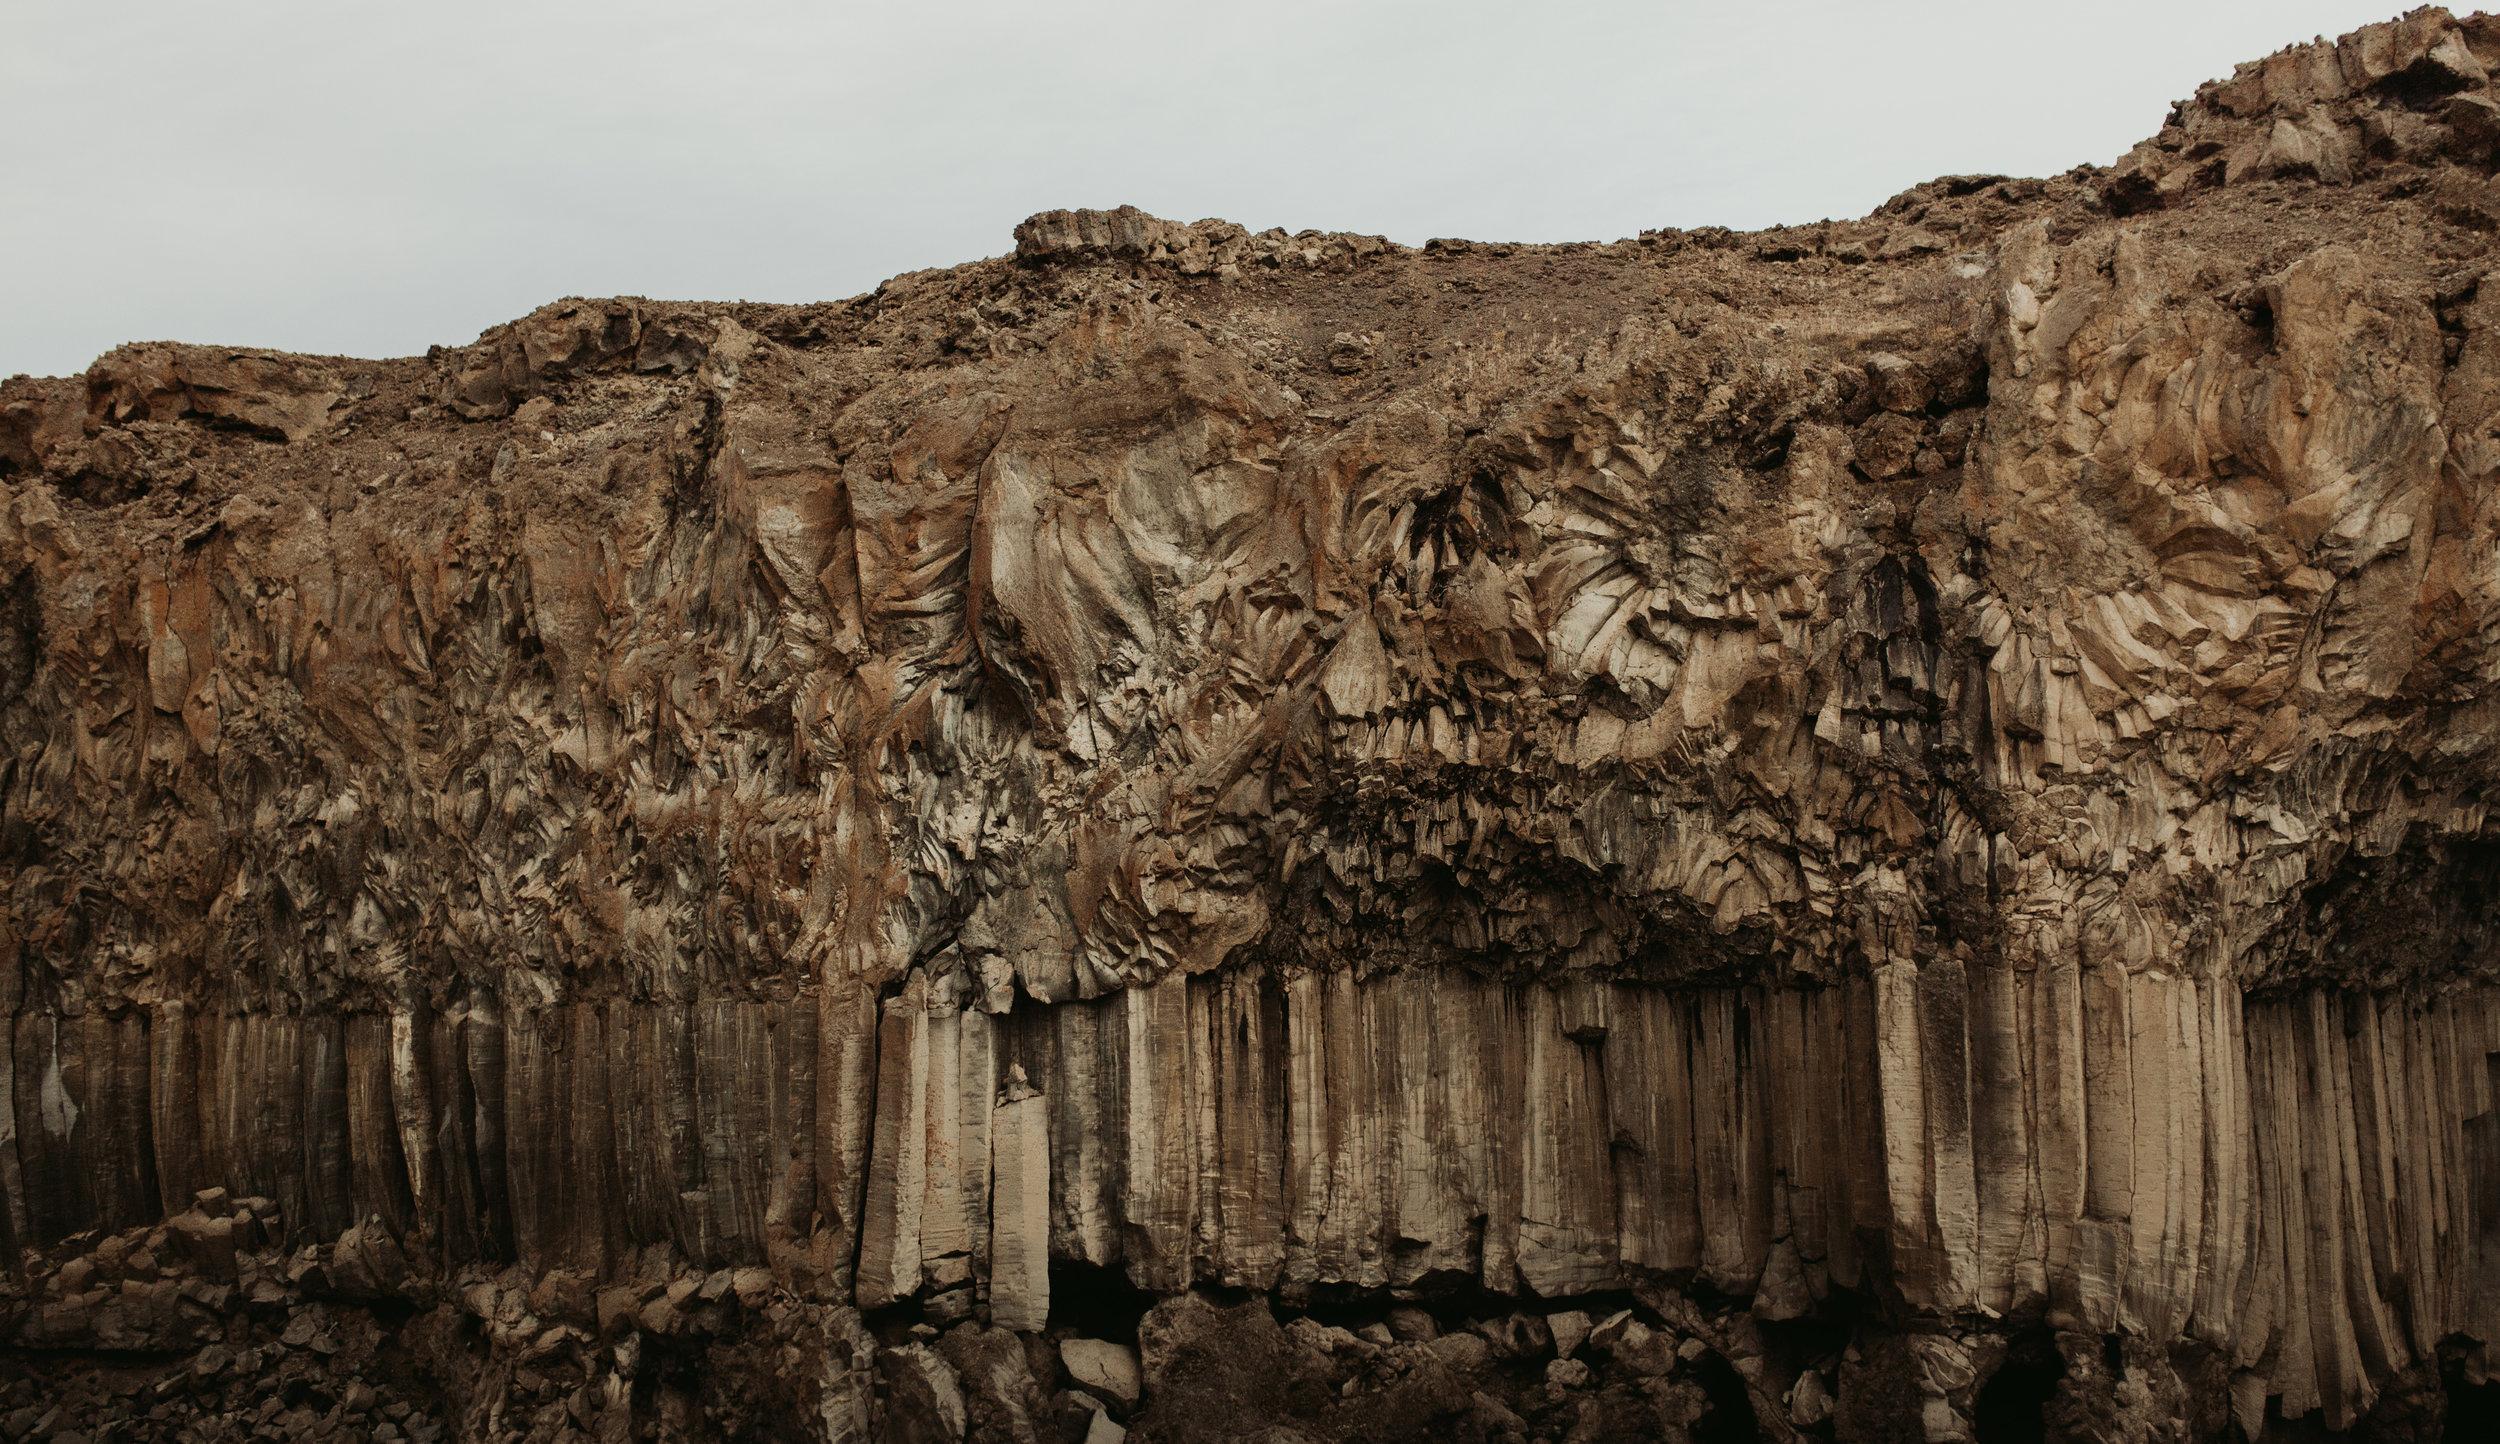 iceland-travel-tips-blog30.jpg